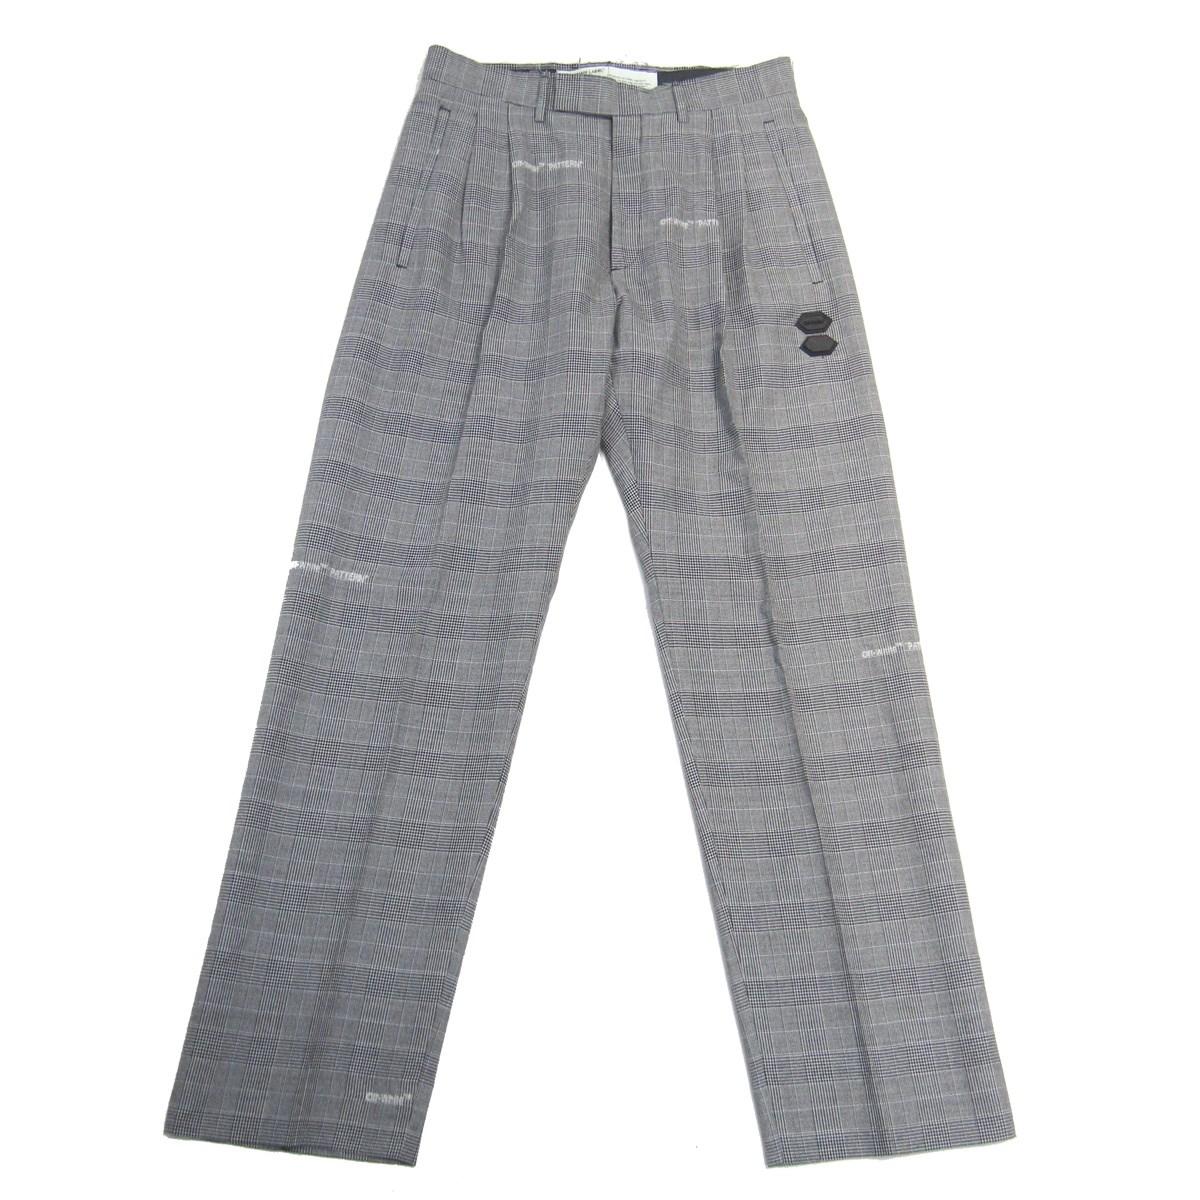 【中古】OFF-WHITE Houndstooth Tailoerd Trouser Pants トラウザーパンツ グレー サイズ:46 【050720】(オフホワイト)